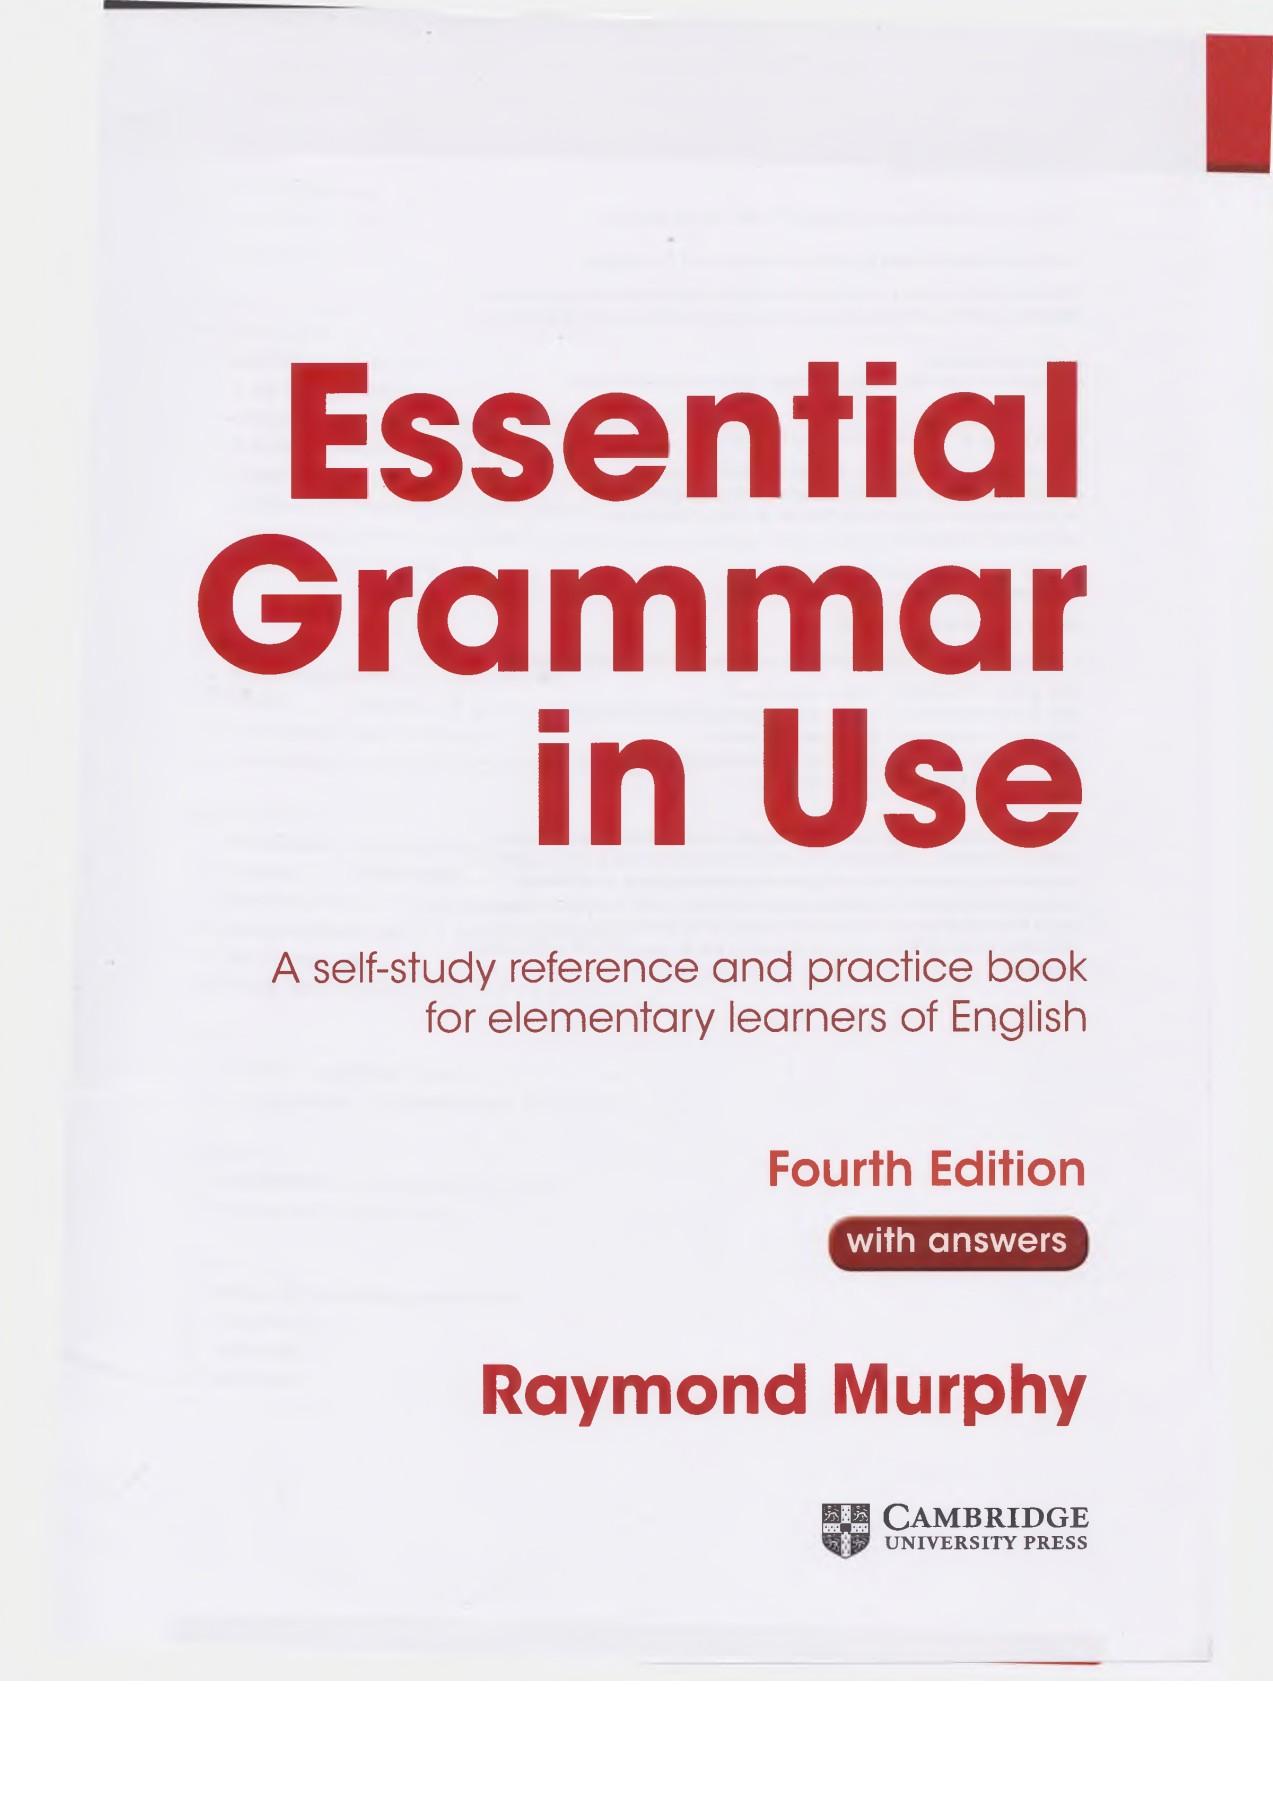 Essential Grammar In Use Pdf : essential, grammar, Essential, Grammar, Murphy, 4-ed,, 2015,, 319с-, Pages, Download, FlipHTML5